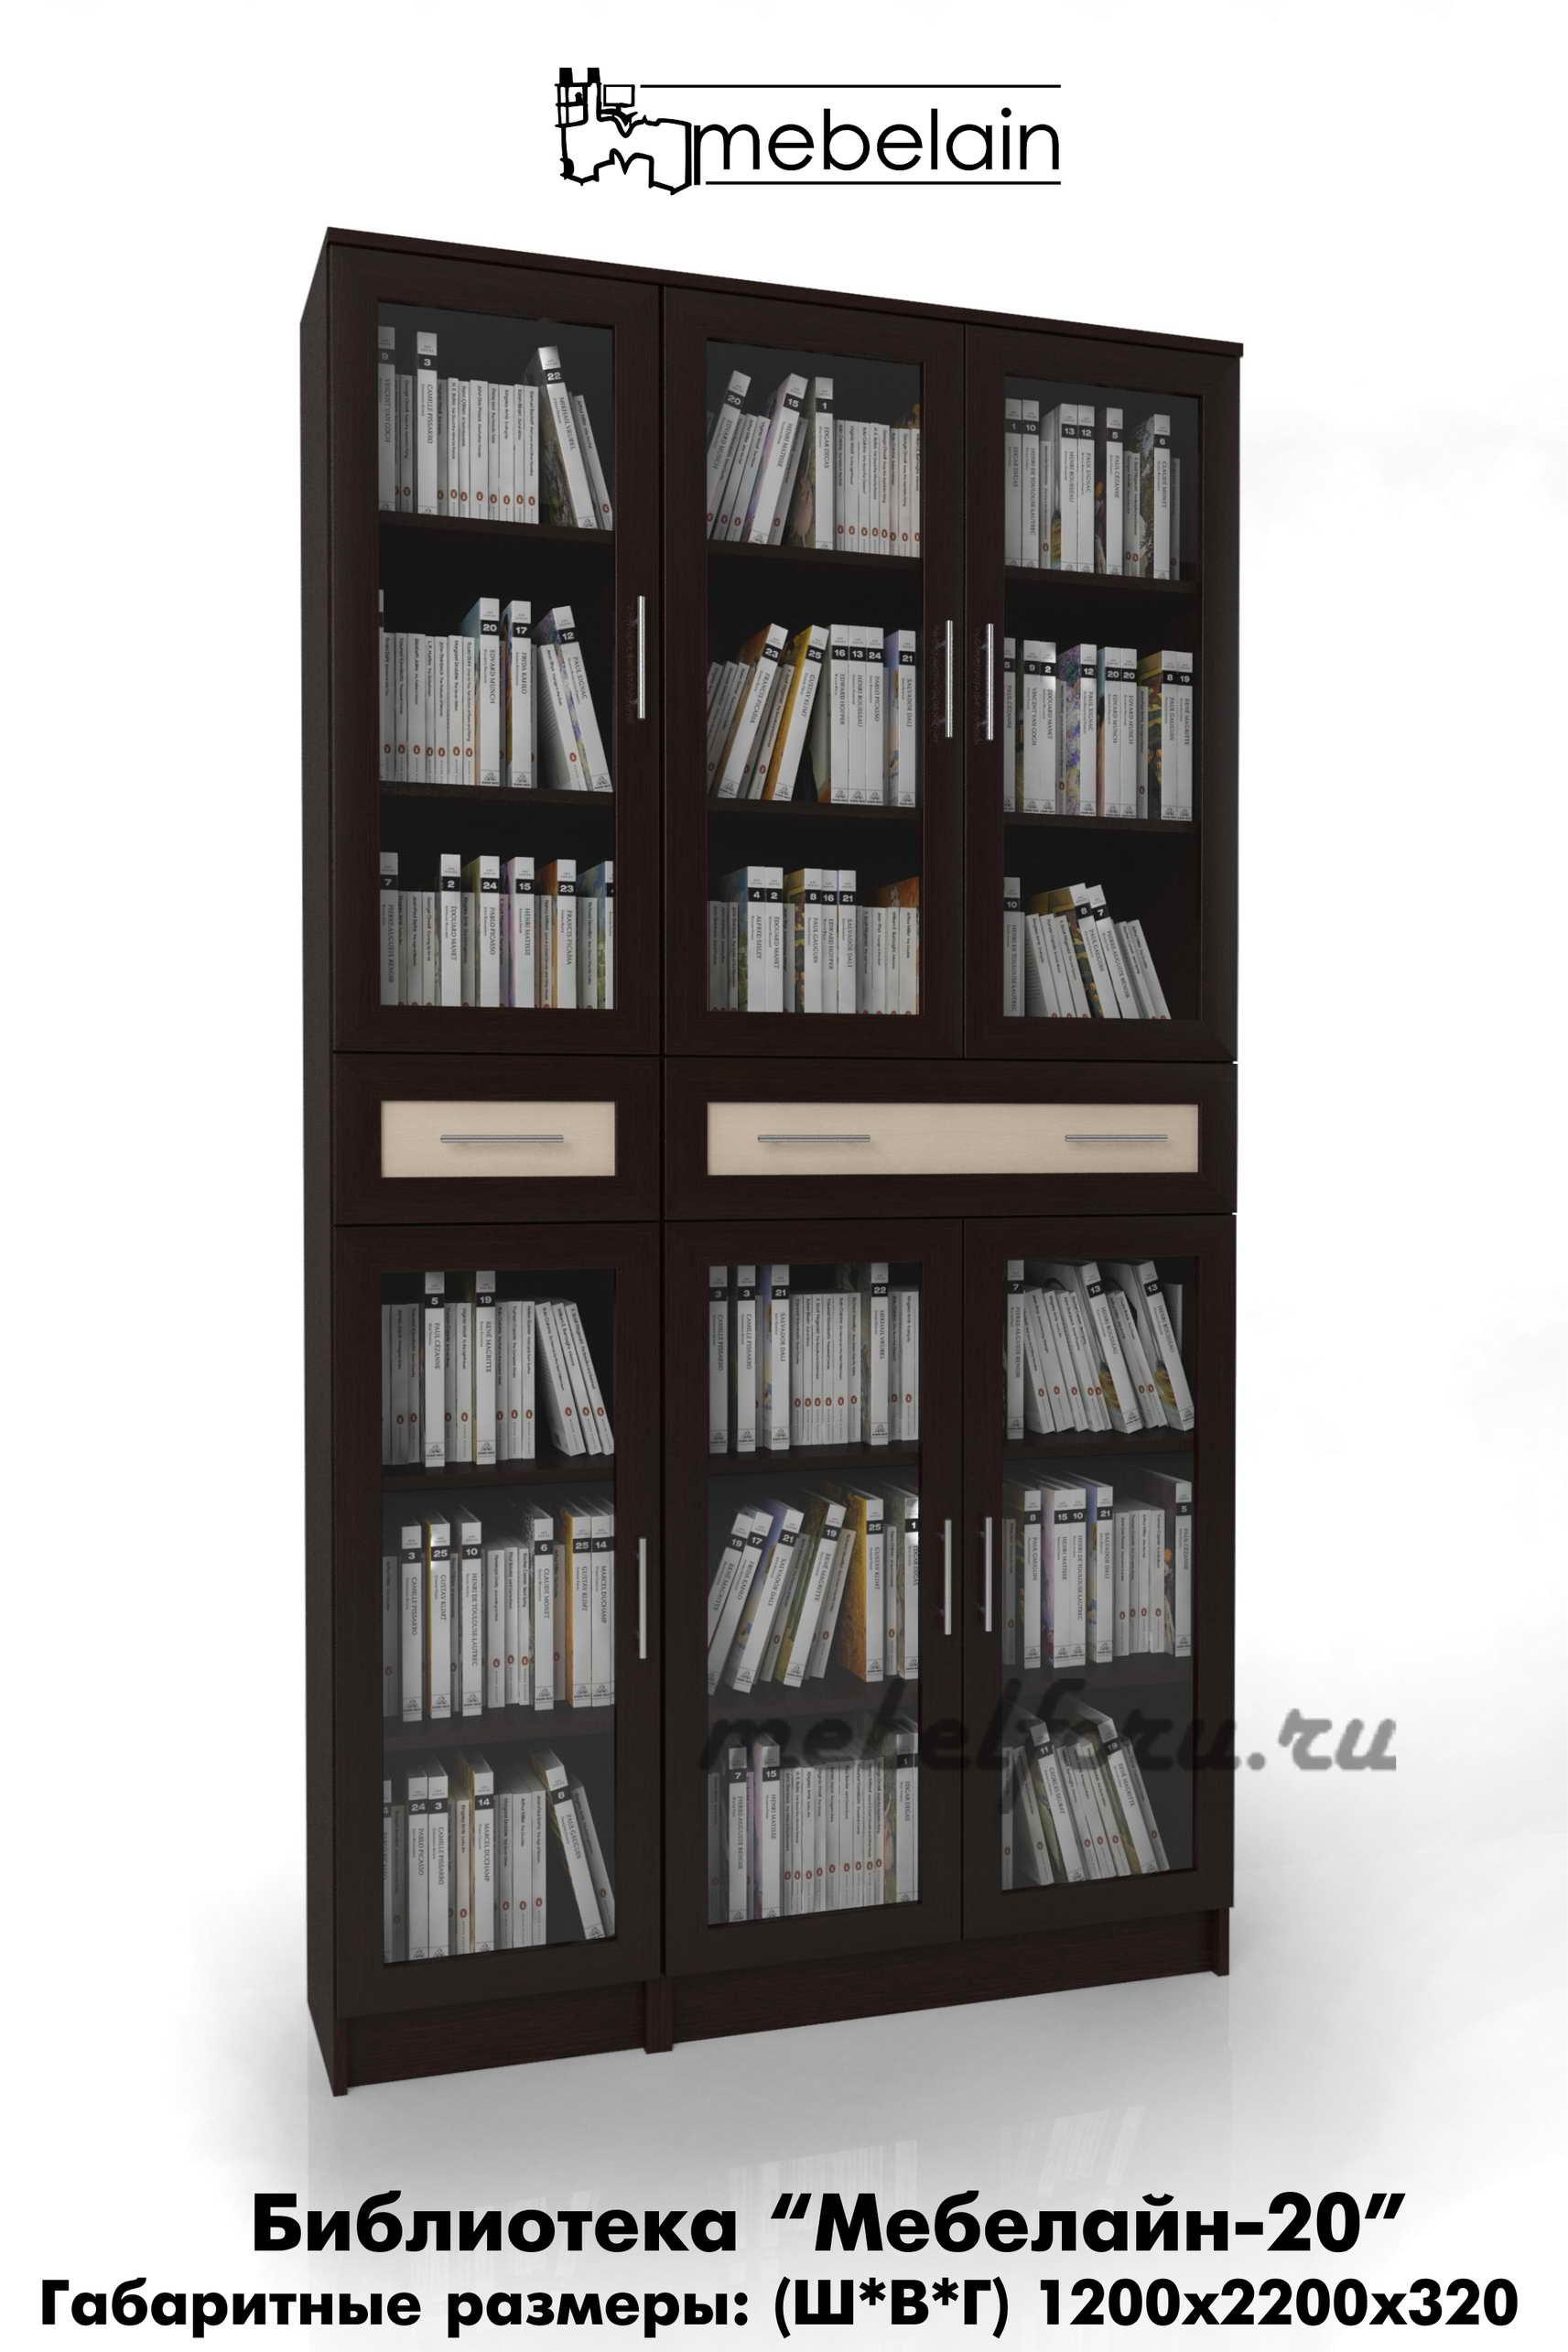 """Книжный шкаф """"библиотека мебелайн 20"""" -бесплатная доставка, ."""